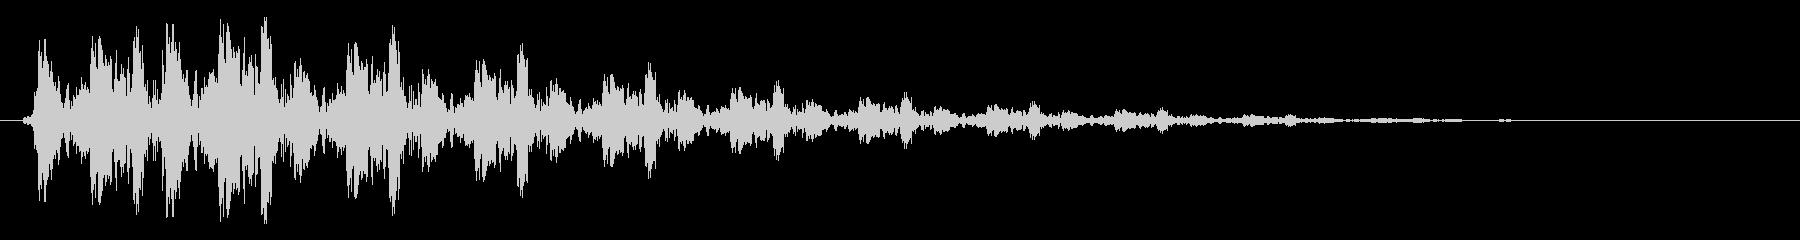 ピュルルン(綺麗で軽く飛ぶような軽い音)の未再生の波形